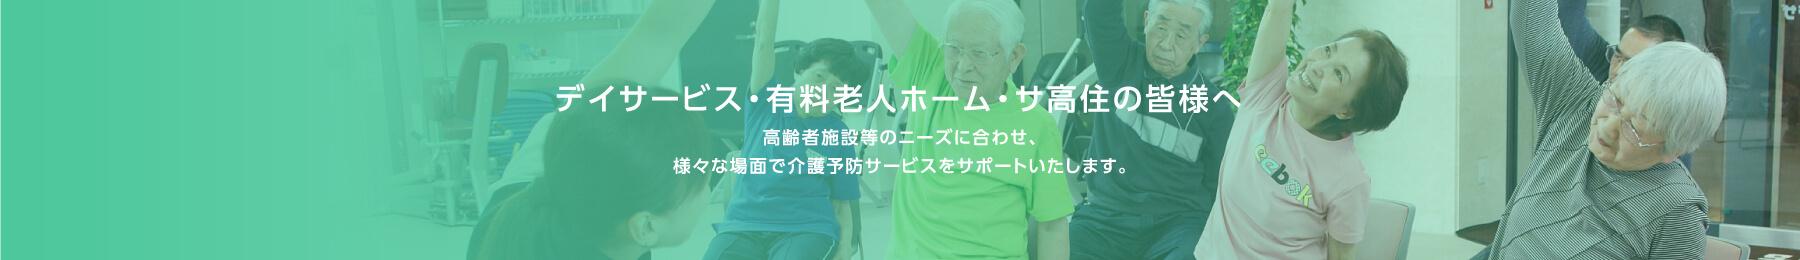 デイサービス・有料老人ホーム・サ高住の皆様へ 高齢者施設等のニーズに合わせ、様々な場面で介護予防サービスをサポートいたします。